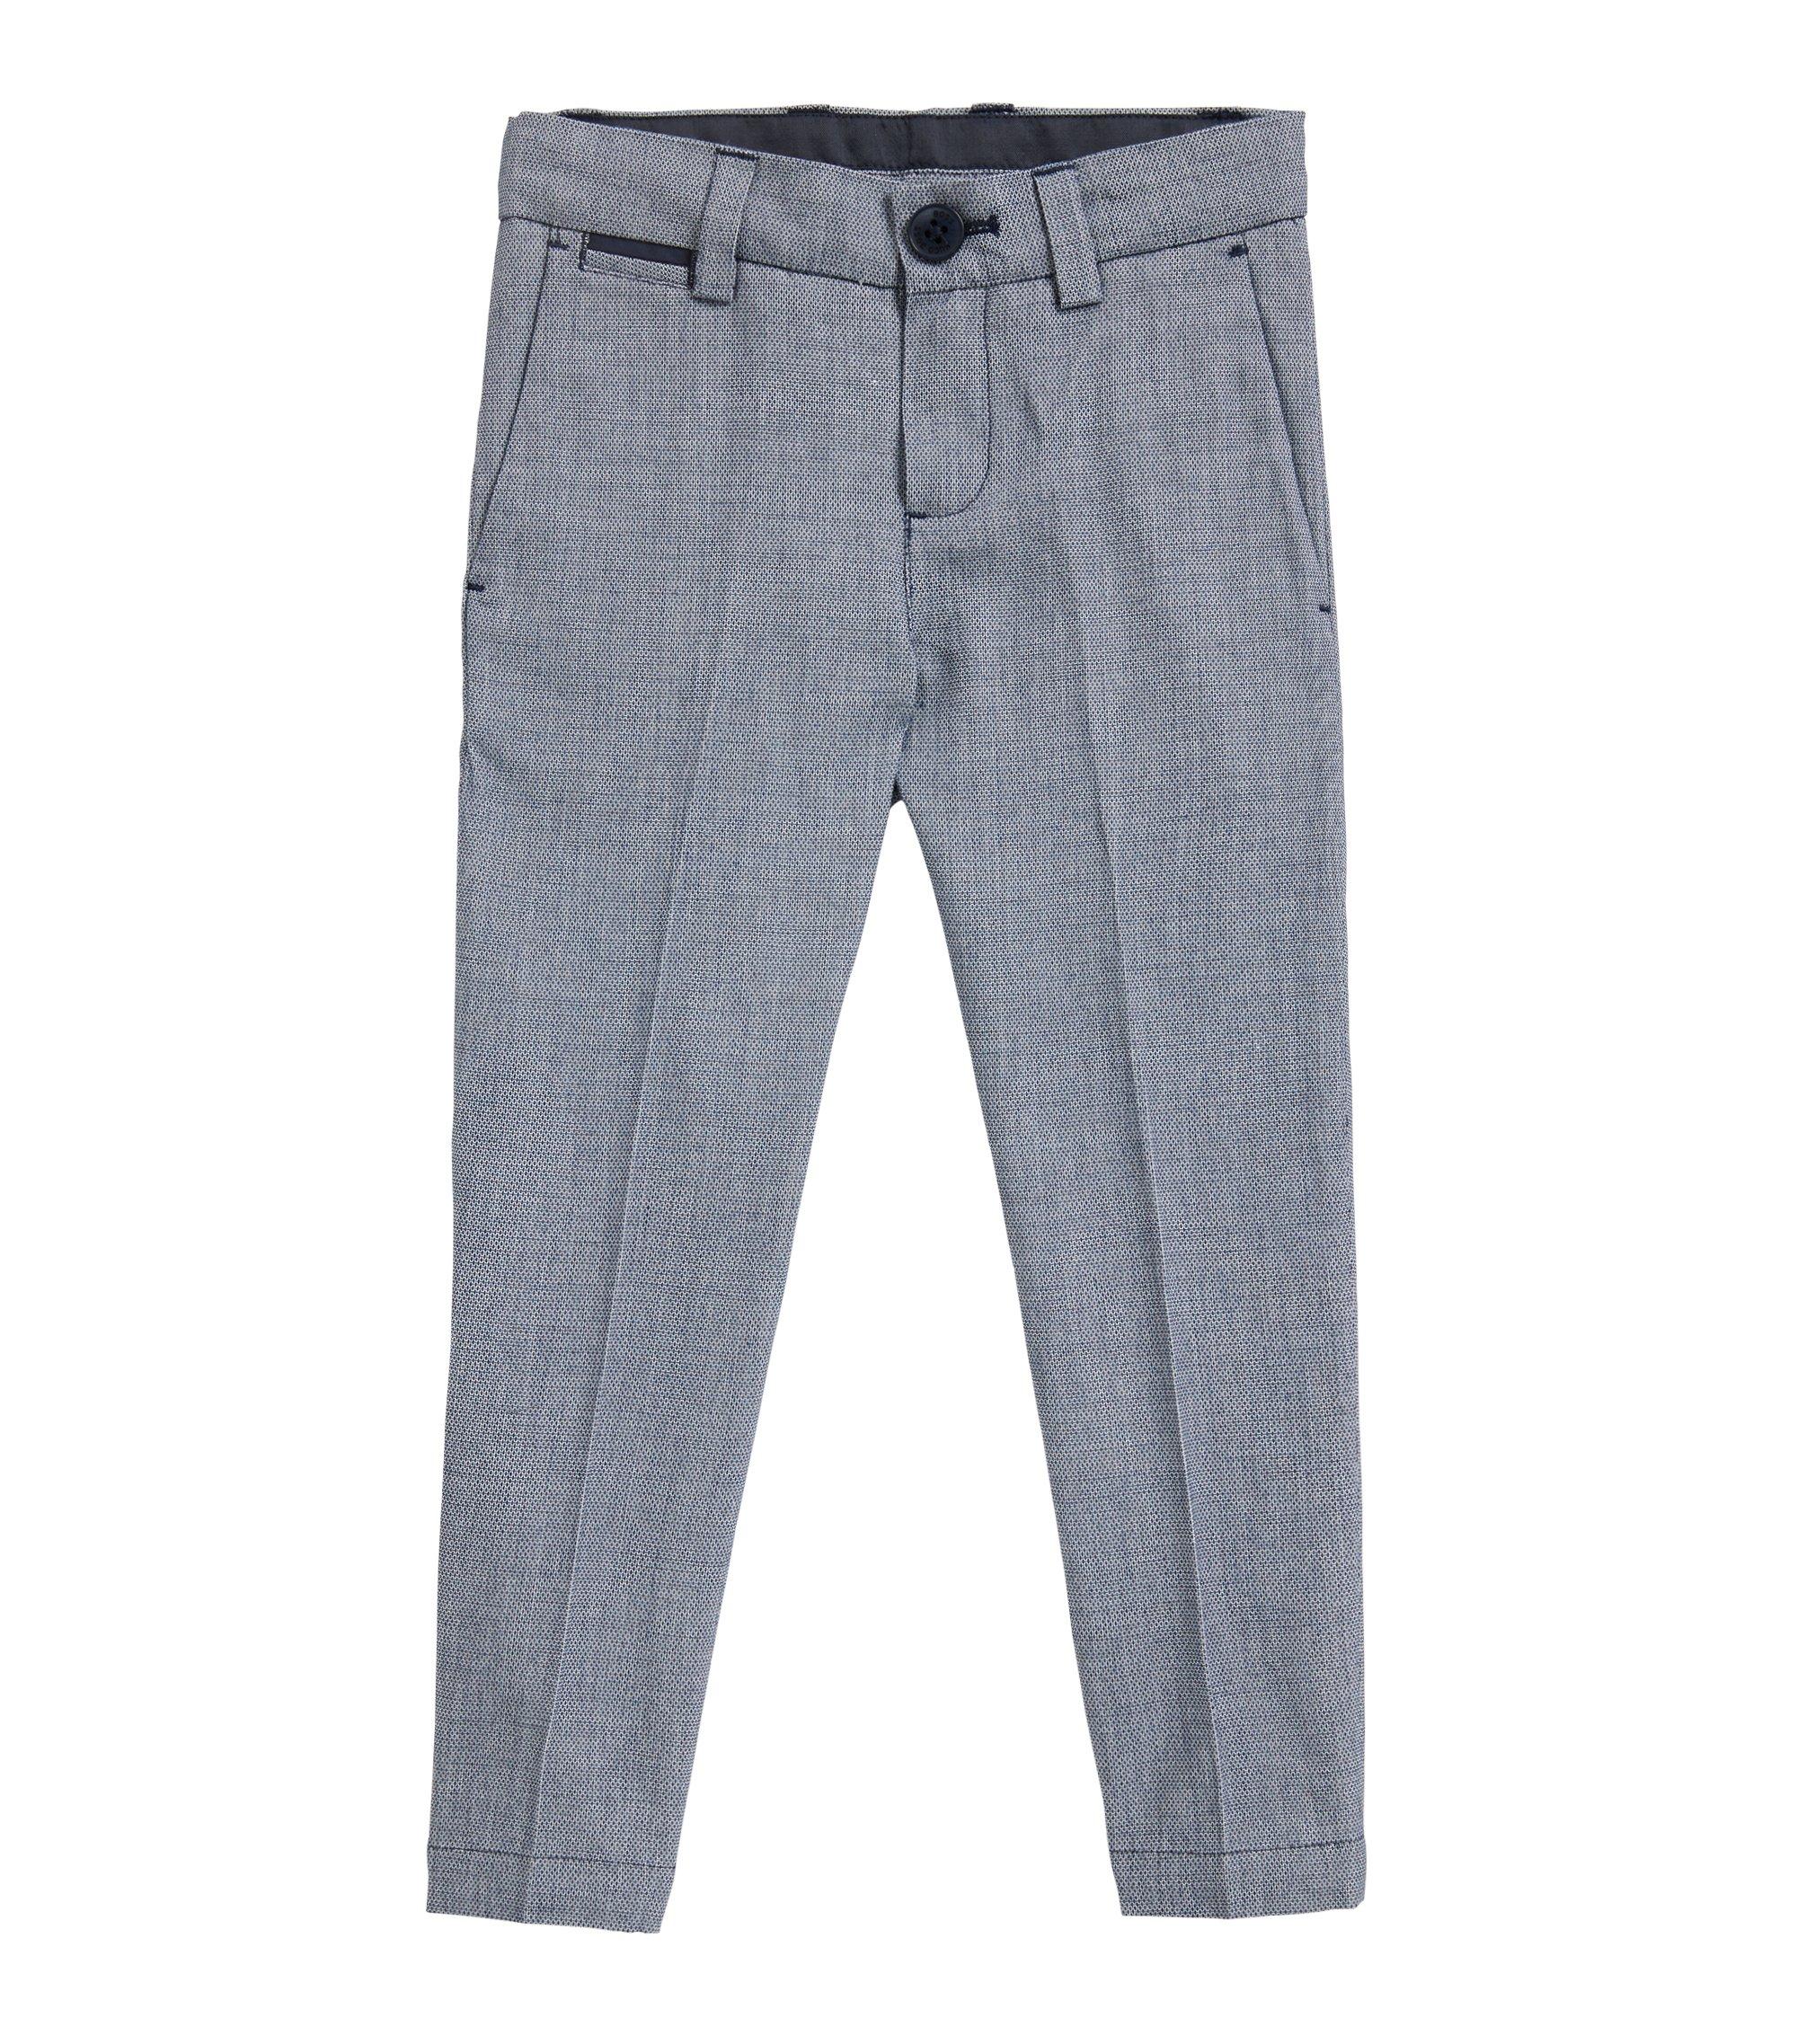 Pantalones de traje para niños en algodón tejido , Fantasía